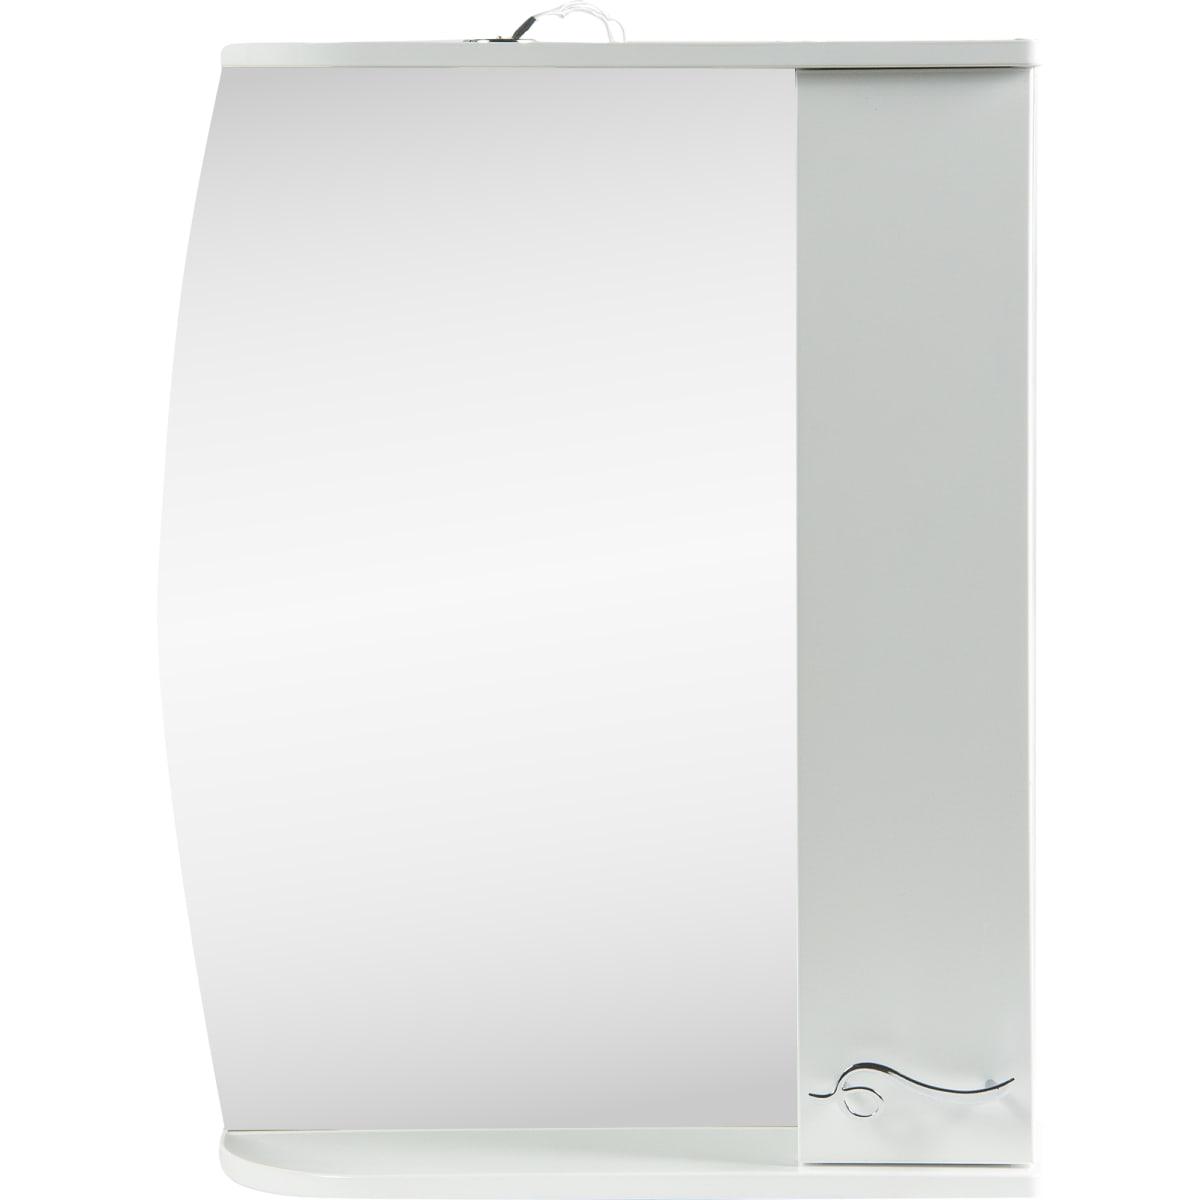 Шкаф зеркальный подвесной «Венеция» 60x72.3 см цвет белый